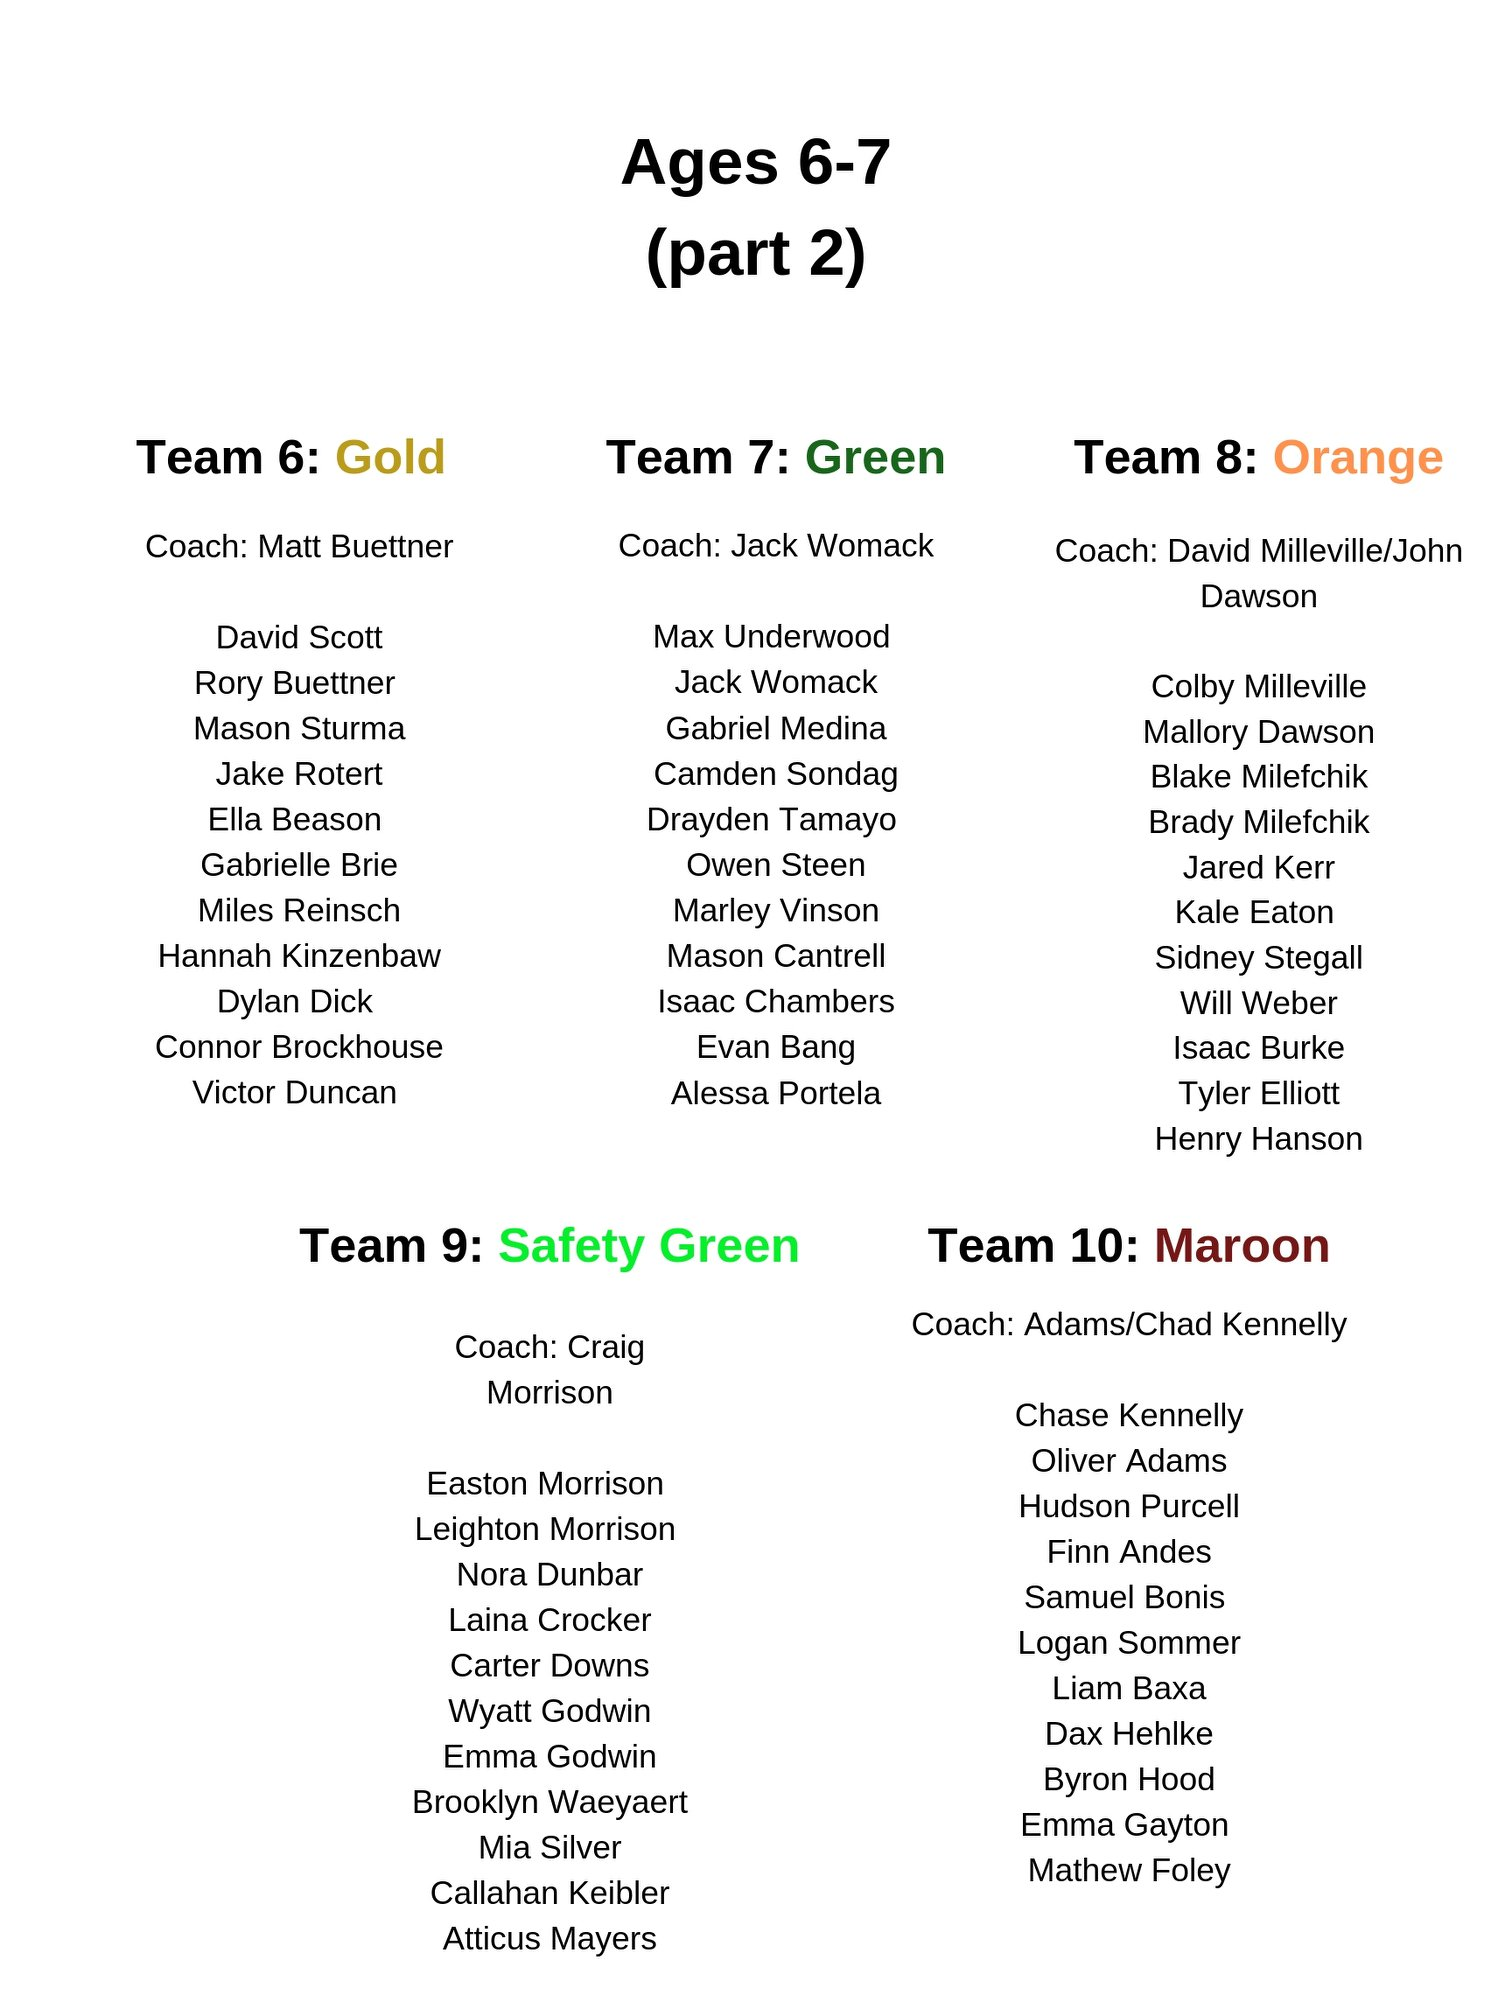 6-7 spring '19 teams.jpg (219 KB)